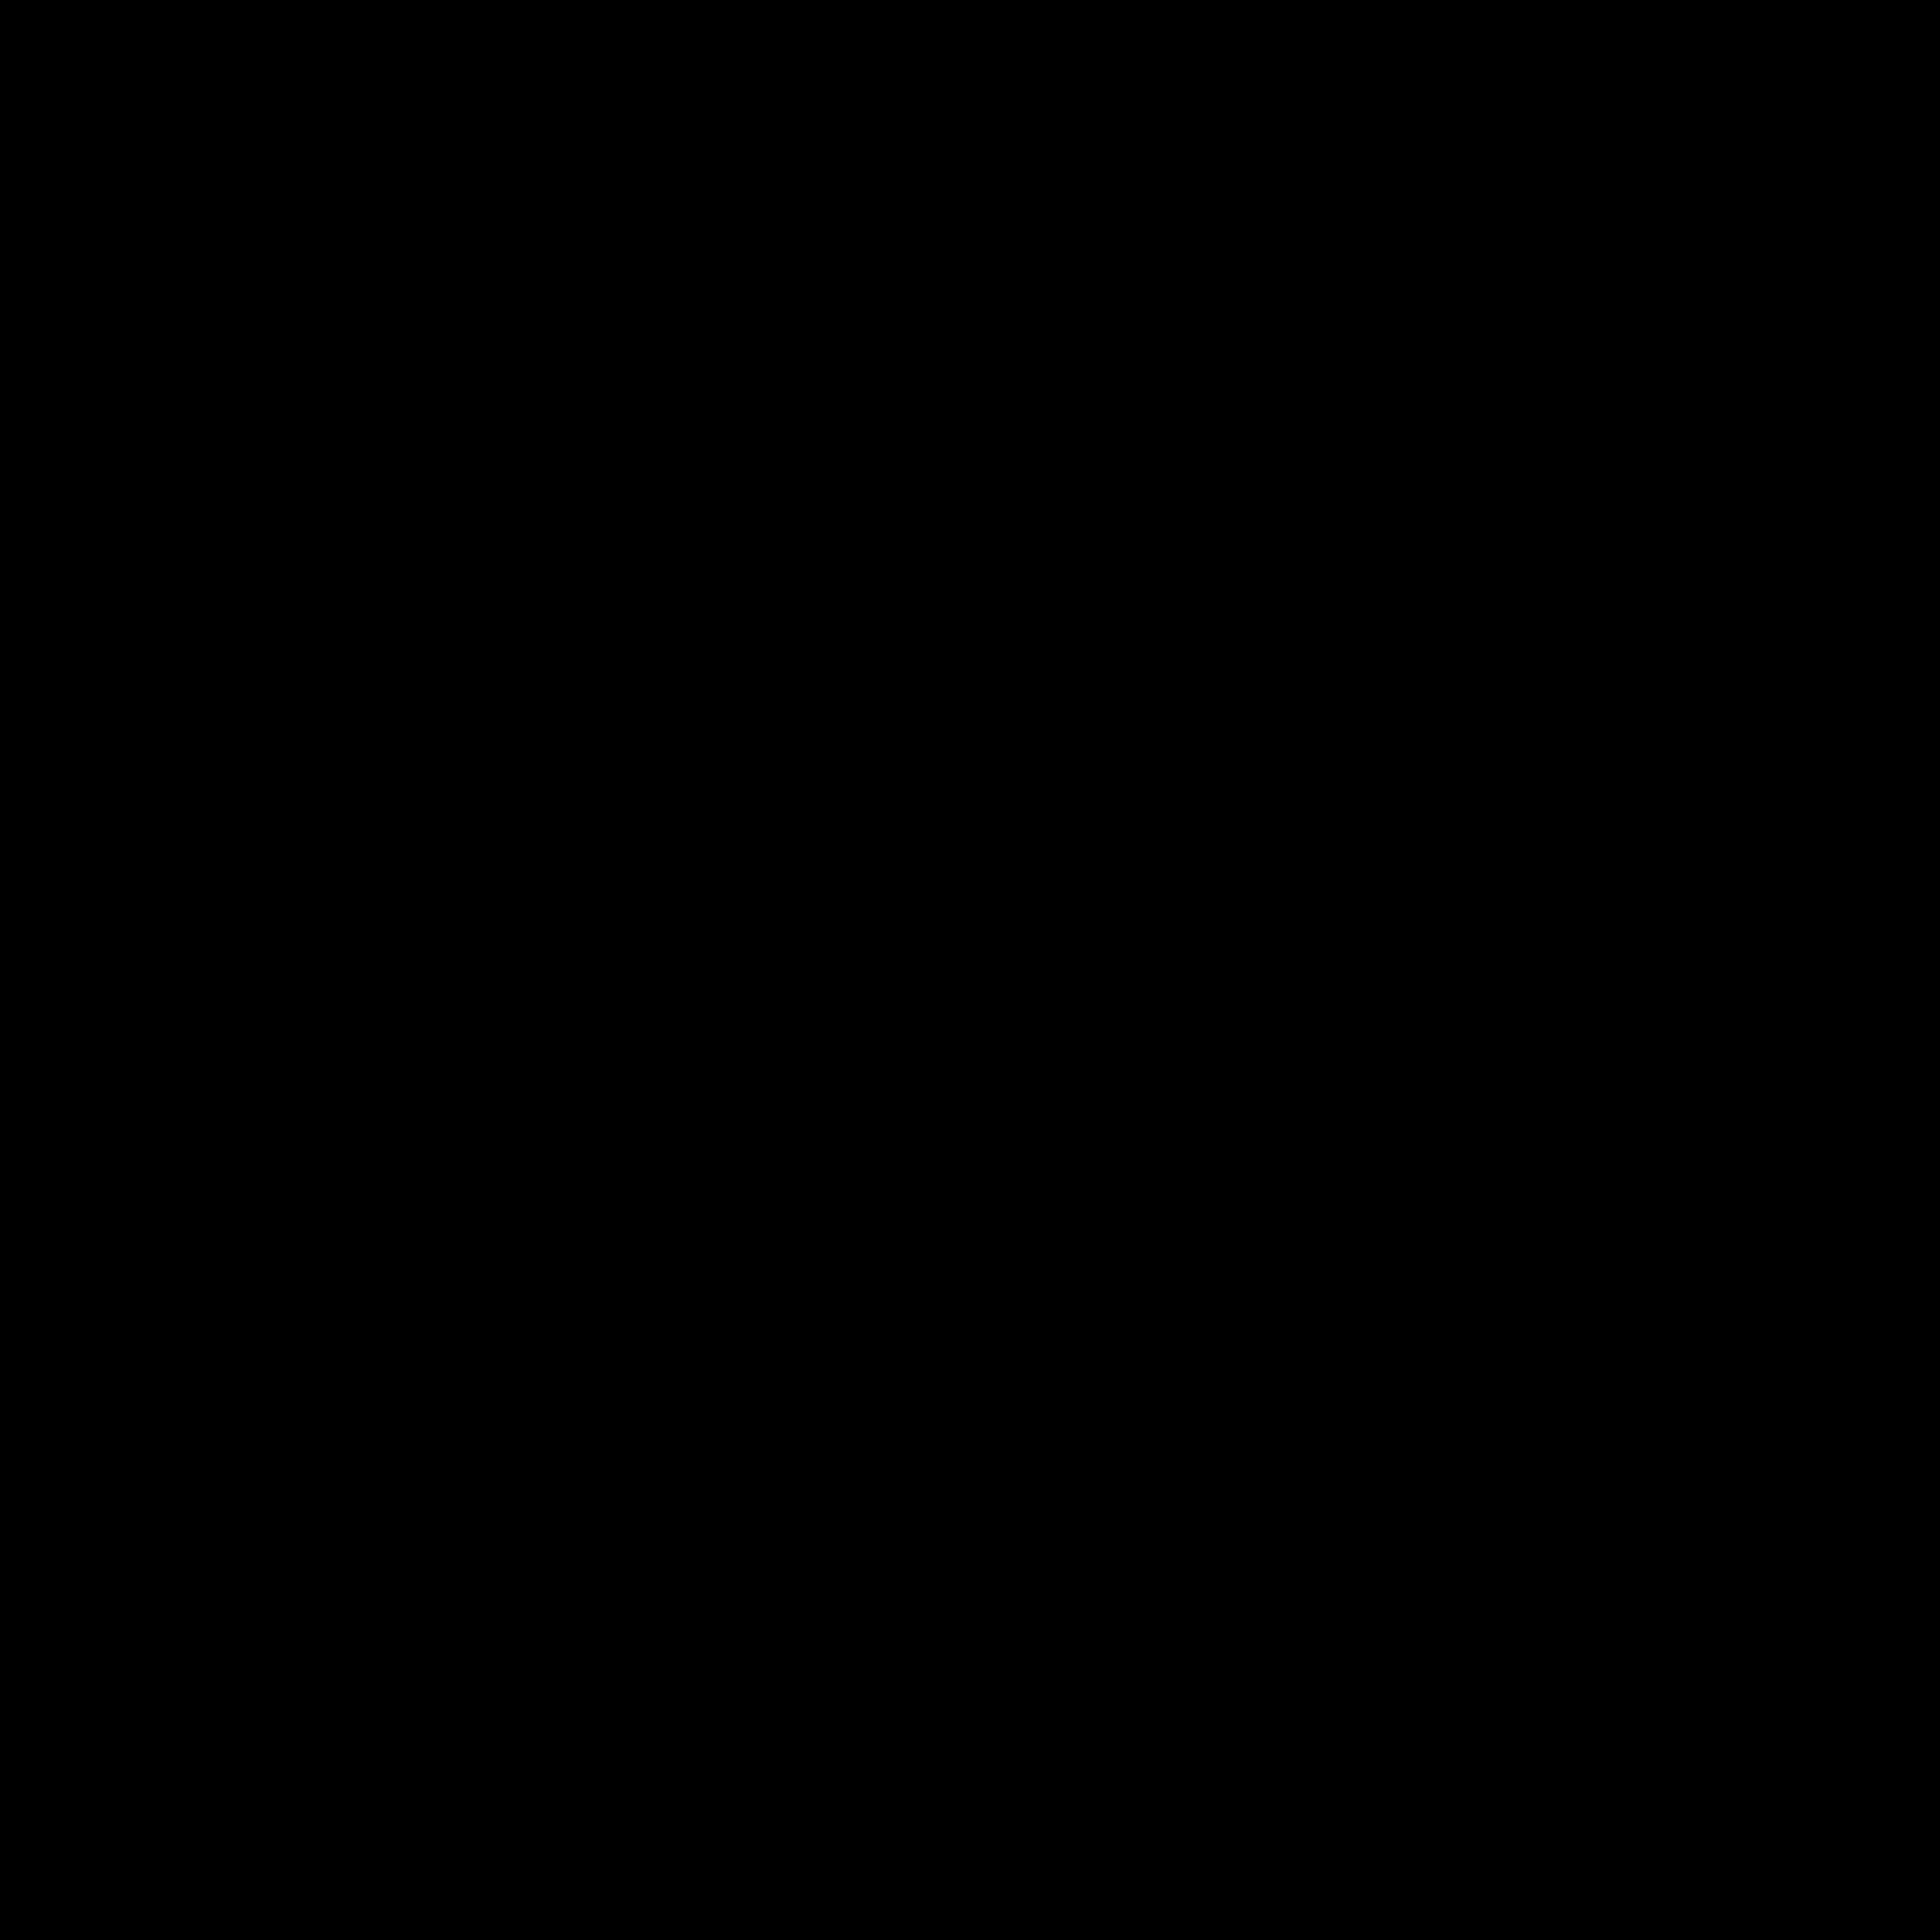 HD Kitchen & Bath